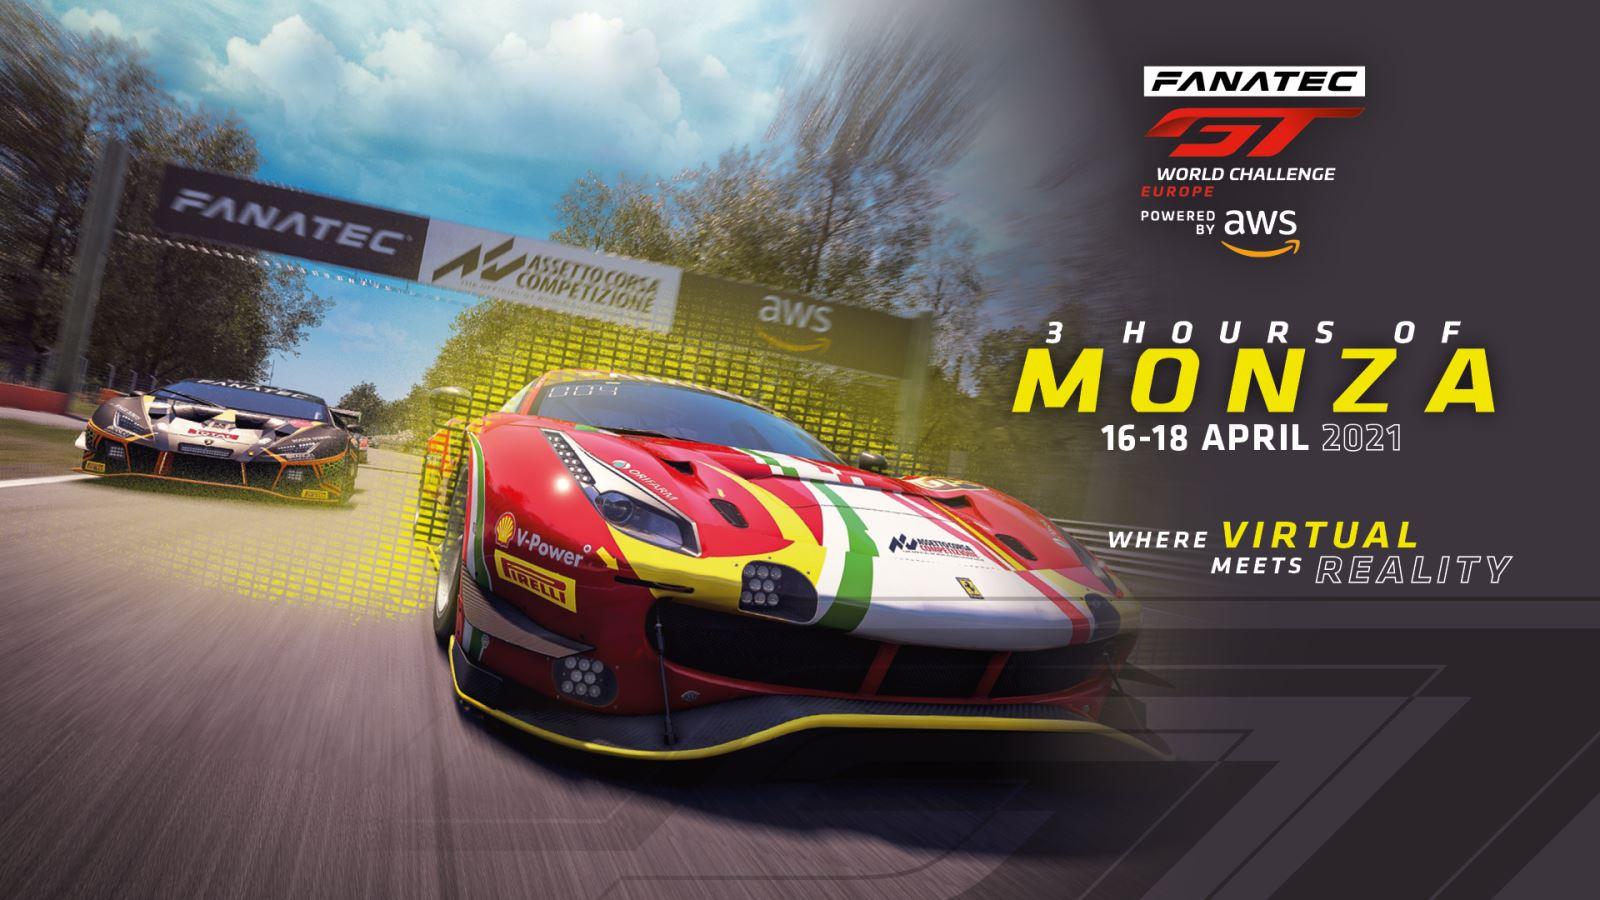 Fanatec GT World Challenge Europe Powered by AWS kehrt zum Saisonstart 2021 nach Monza zurück